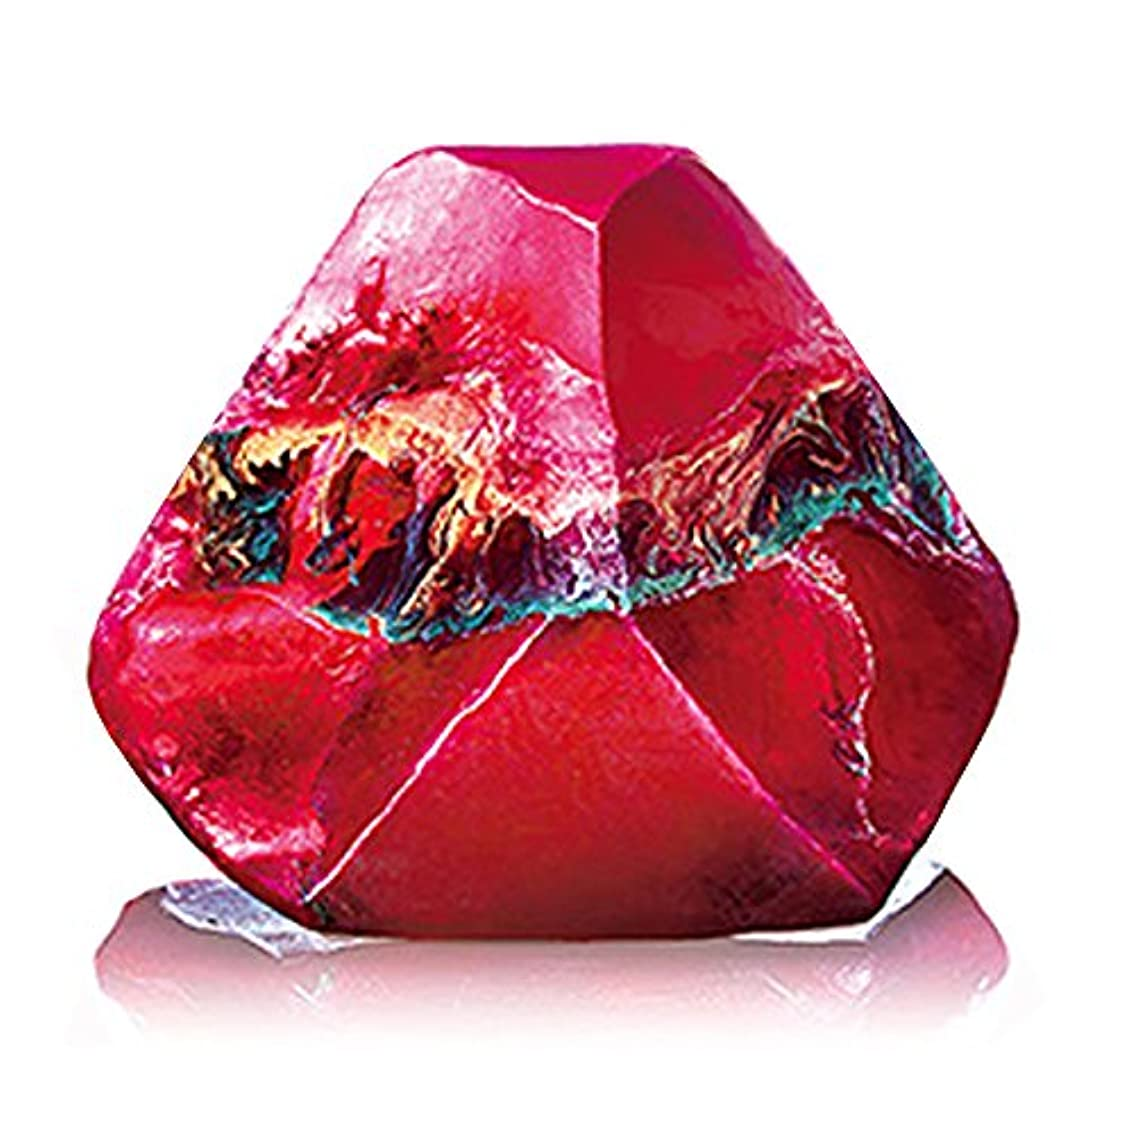 美徳考えるトークSavons Gemme サボンジェム 世界で一番美しい宝石石鹸 フレグランス ソープ ガーネット ミニ 114g